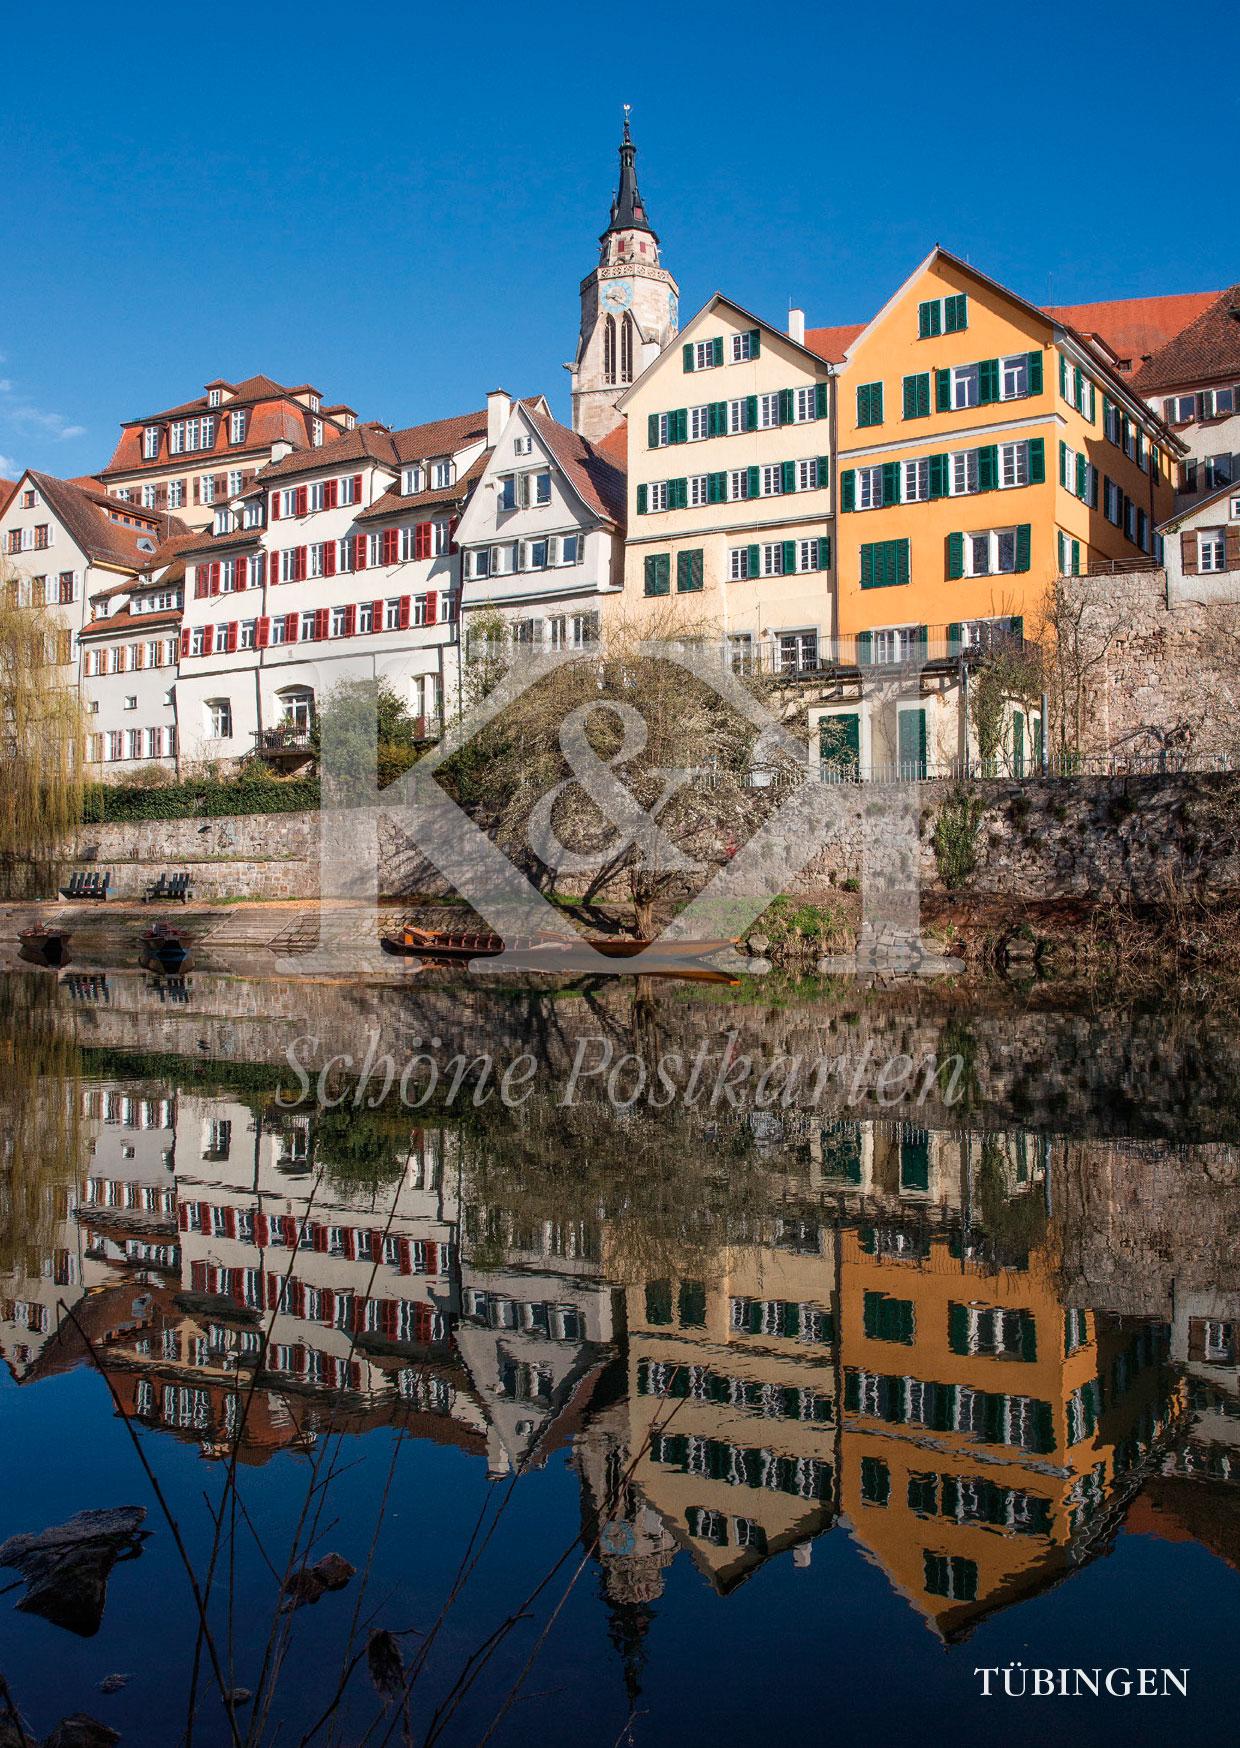 <strong>Schöne Postkarte Nr. 241</strong> · Stiftskirche Tübingen mit Neckarfront © 2018